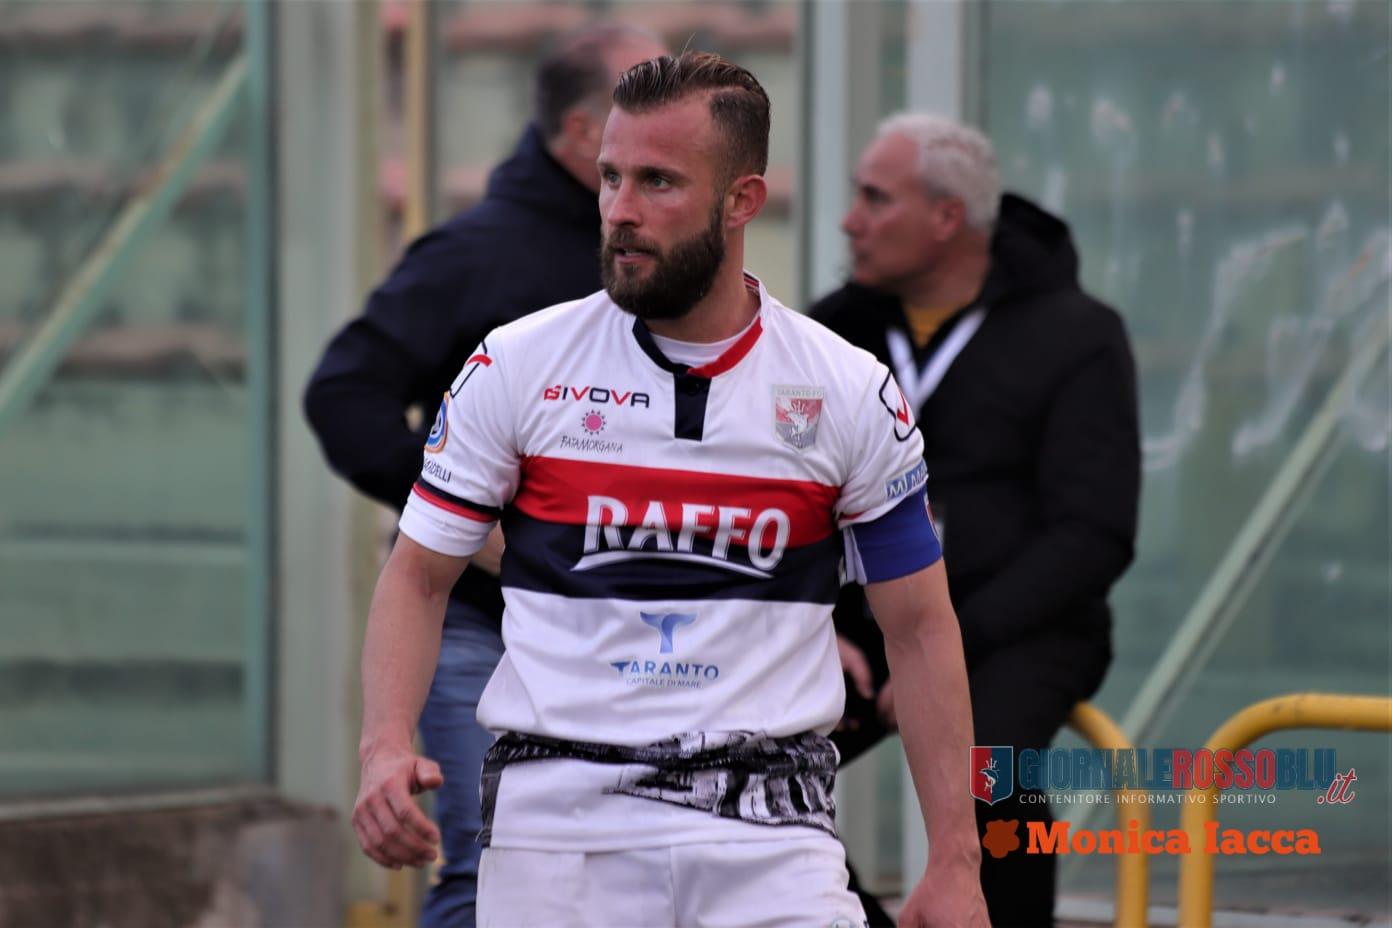 Fabio Oggiano